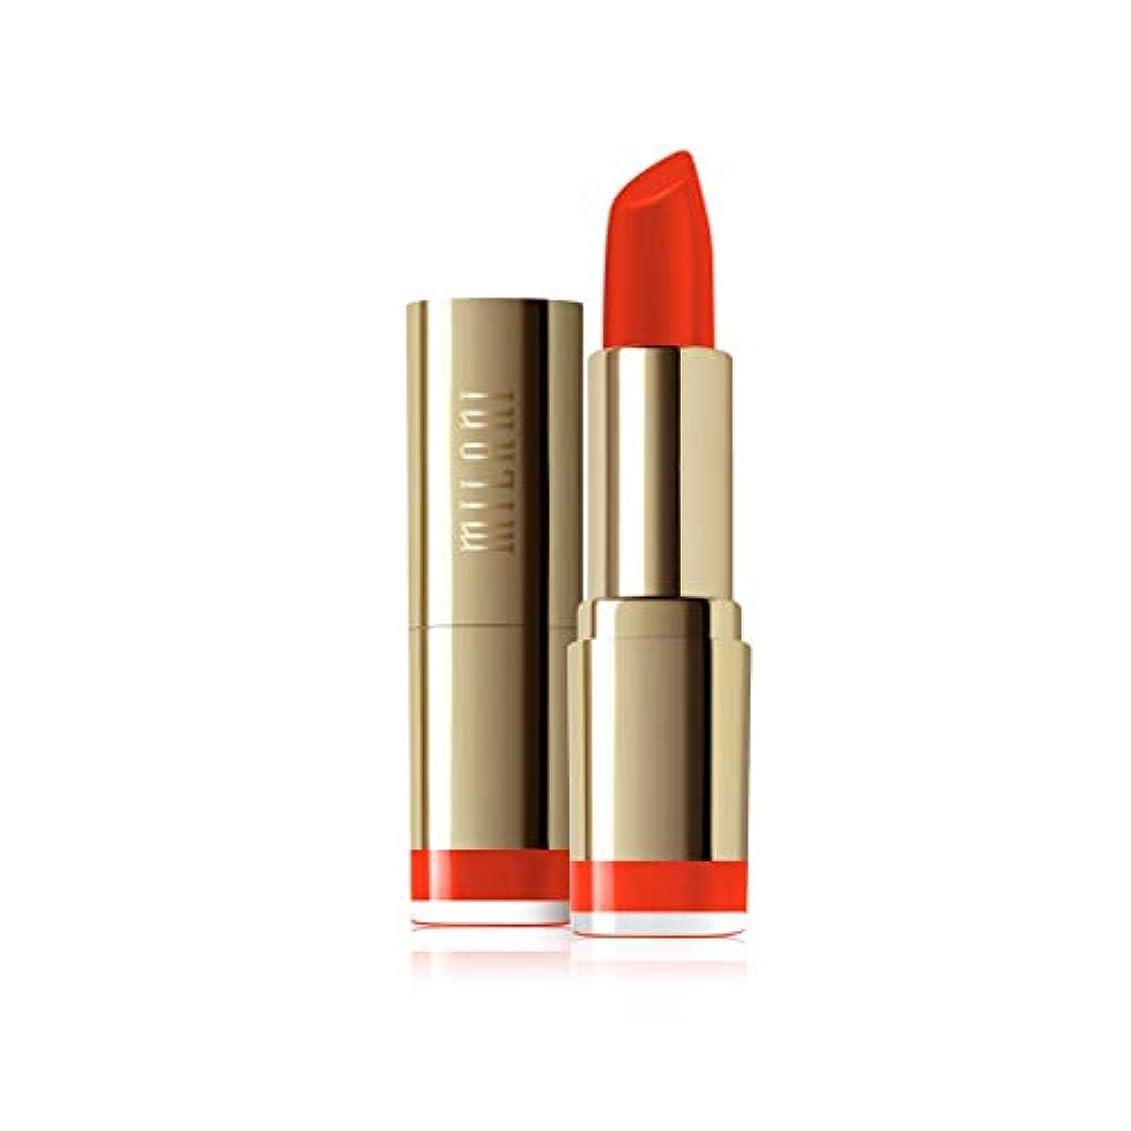 Milani Color Statement Moisture Lipstick, Matte Passion